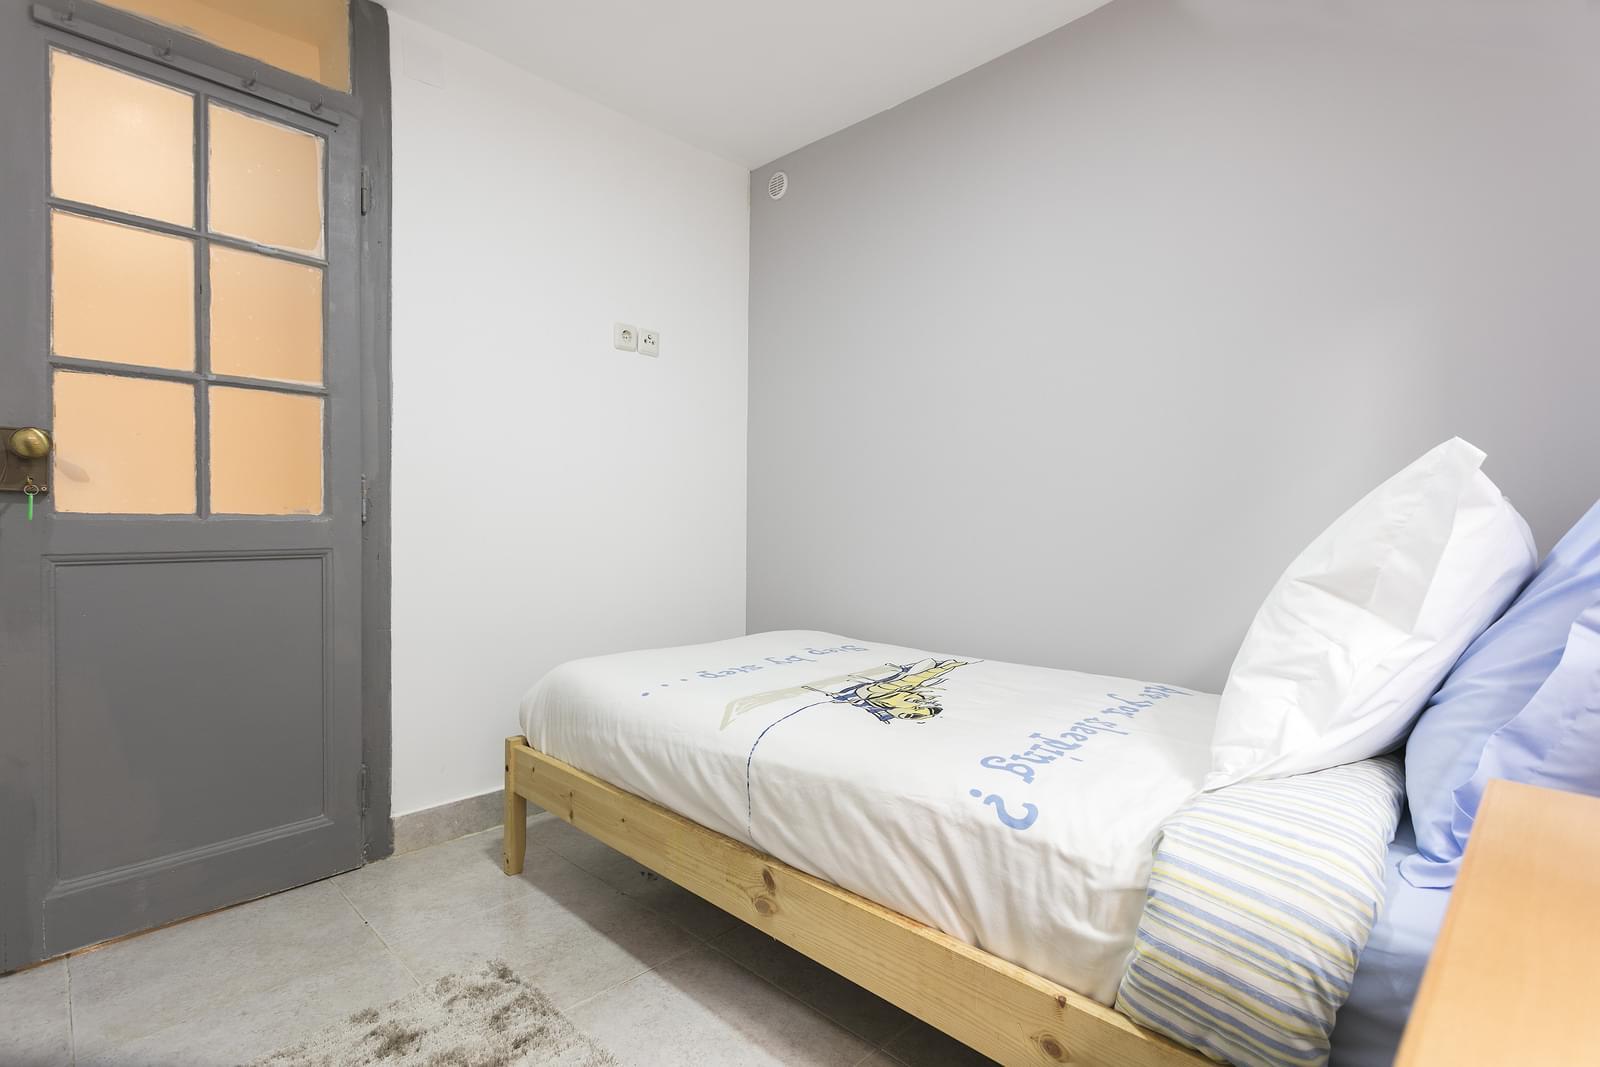 pf16716-apartamento-t2-3-lisboa-ff18f58d-6445-4f4f-a425-73936c7818bf